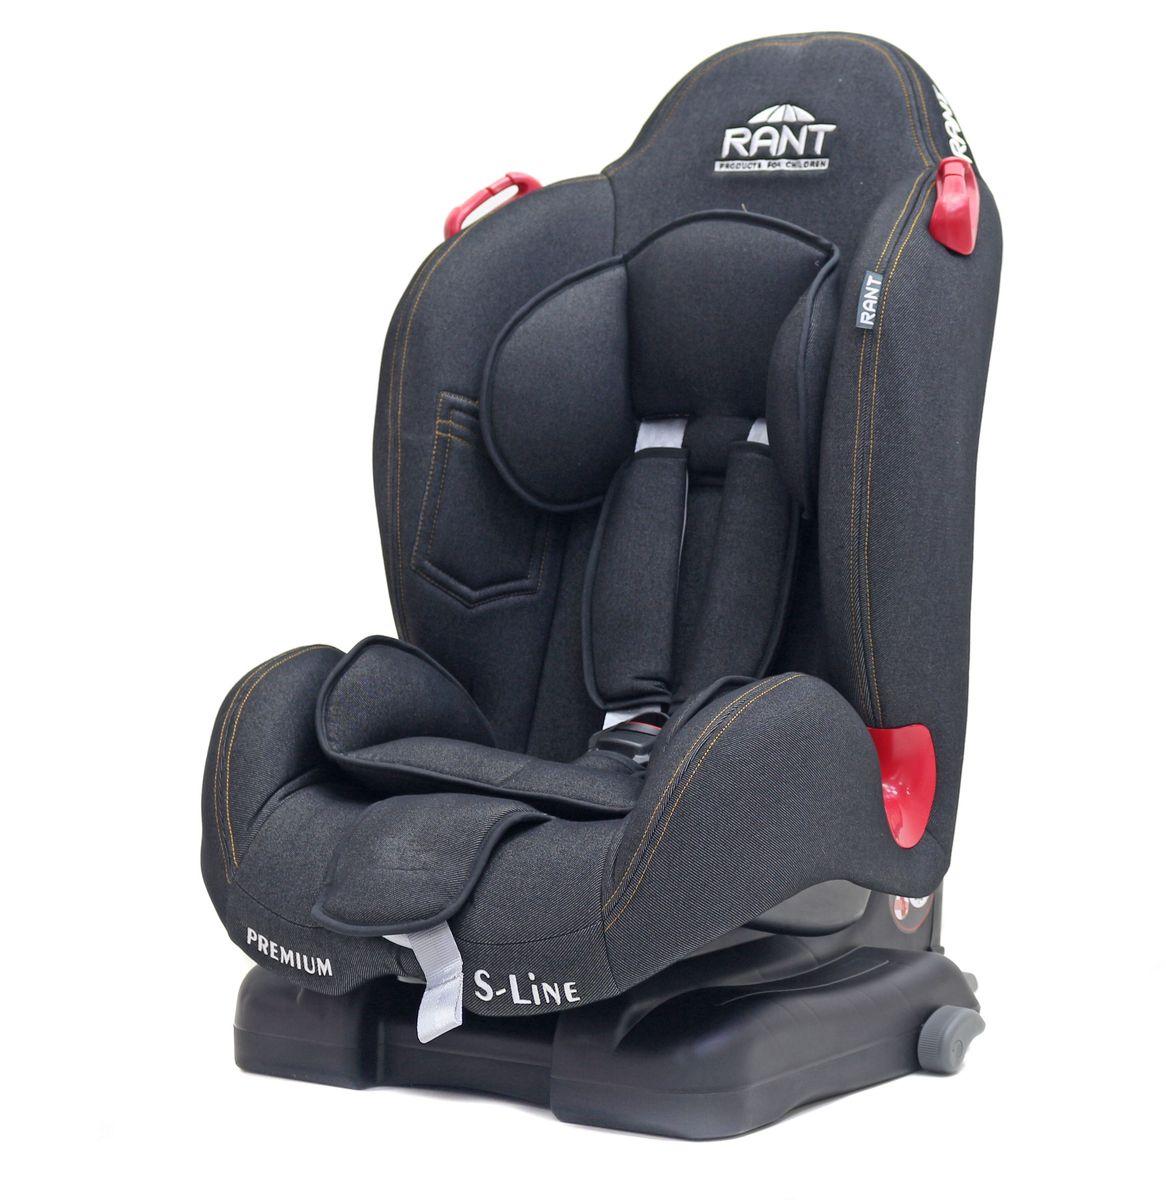 Rant Автокресло Premium Isofix цвет джинс от 9 до 25 кг4650070987488Серия S-Line автокресло Premium группа 1-2. Вес ребенка: 9-25 кг, возраст: от 09 мес. до 7 лет (ориентировочно), cистема крепления IsoFix, устанавливается по ходу движения автомобиля, пятиточечный ремень безопасности с мягкими плечевыми накладками и антискользящими нашивками, 4-х ступенчатая настройка высоты подголовника, корректировка высоты ремня безопасности по уровню подголовника, 3 положения наклона корпуса, устойчивая база, фиксатор высоты штатных ремней безопасности, дополнительная боковая защита, съемный чехол, мягкий съемный вкладыш для малыша, сертификат Европейского Стандарта Безопасности ЕCE R44/04.